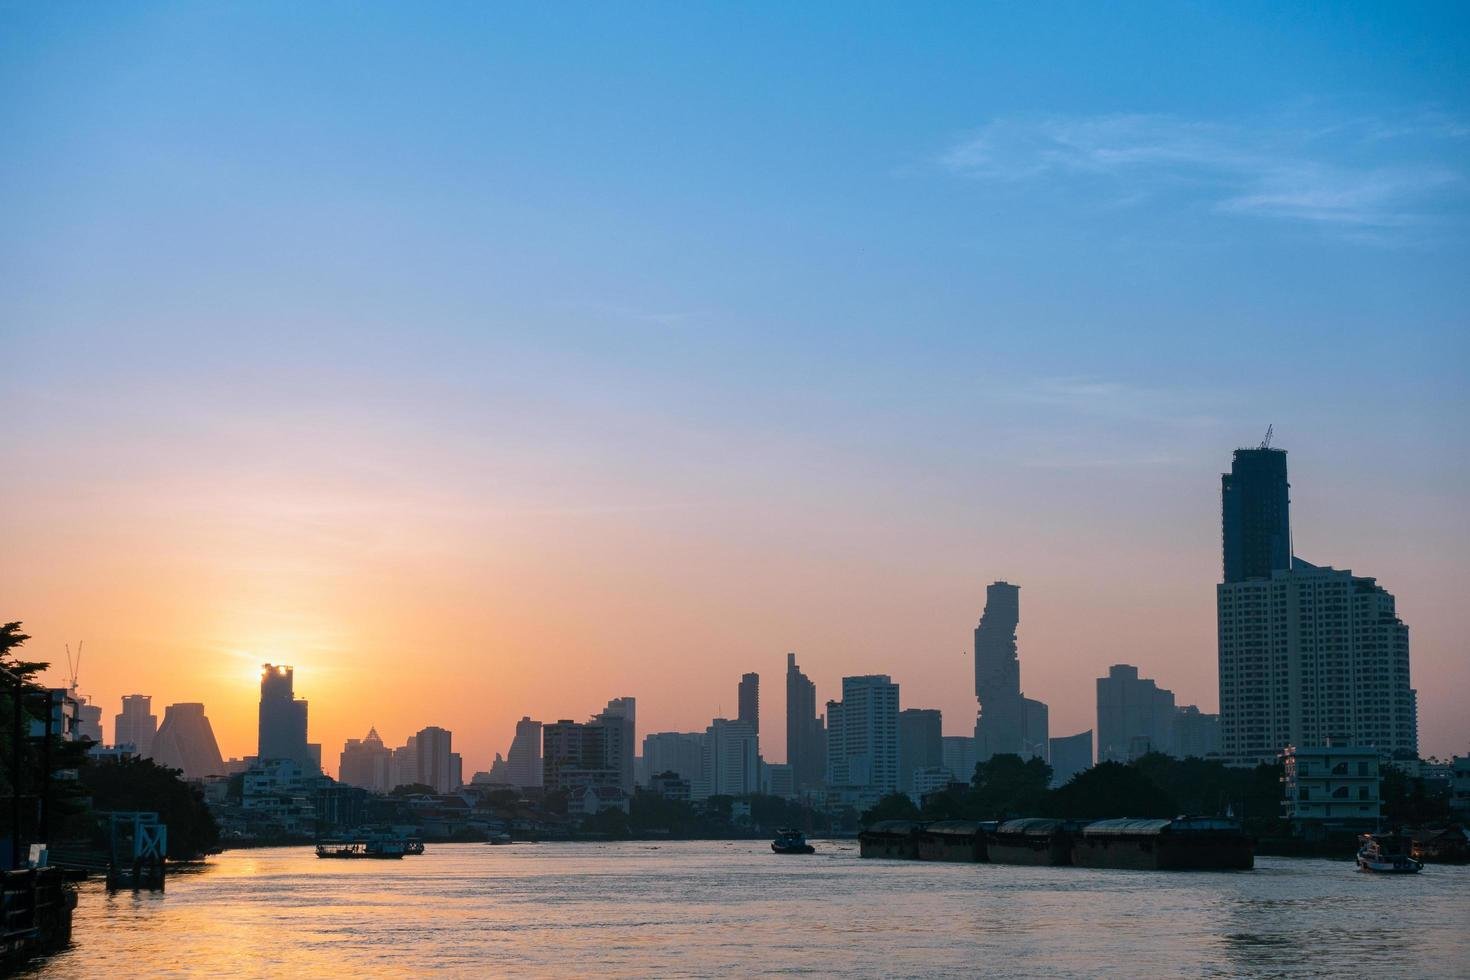 edificios y rascacielos en bangkok foto